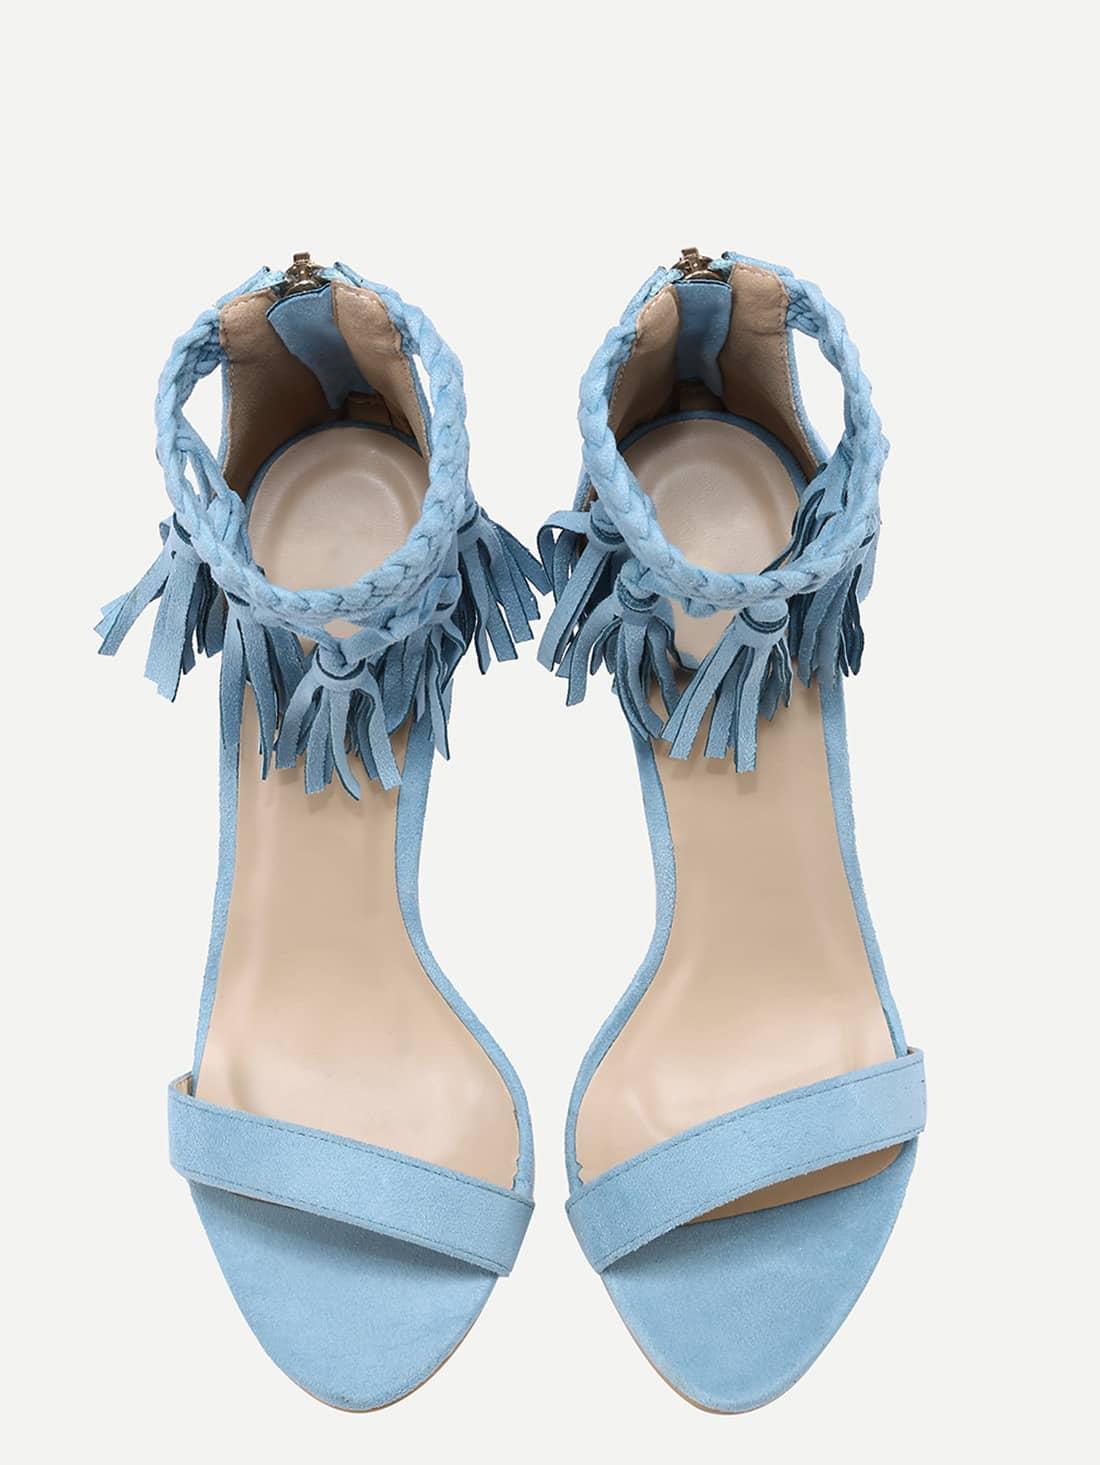 high heels sandals light blue - photo #35